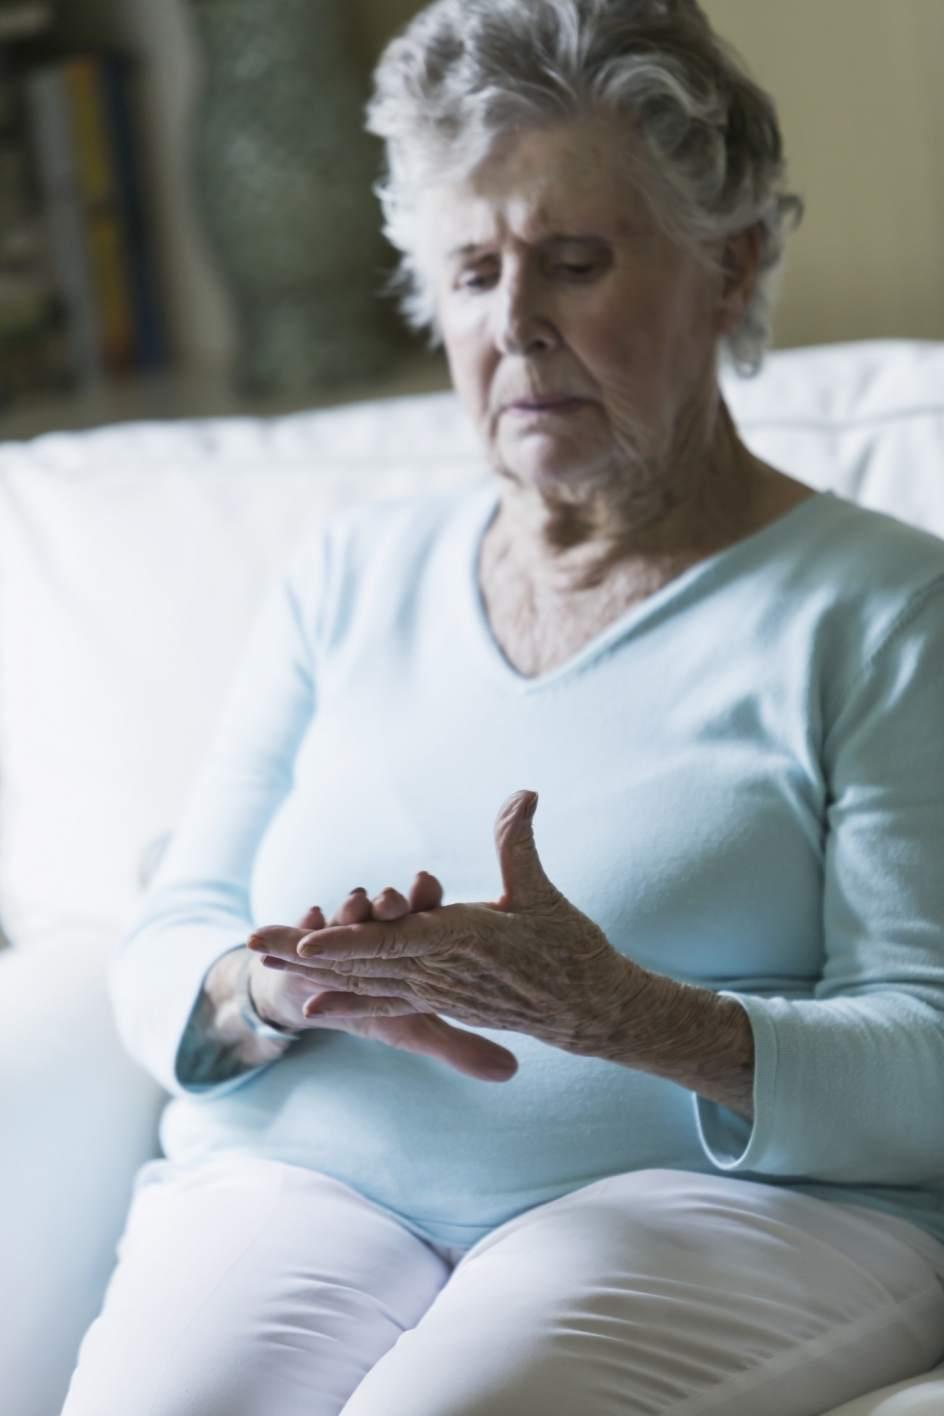 La artrosis afecta a personas mayores y jovenes